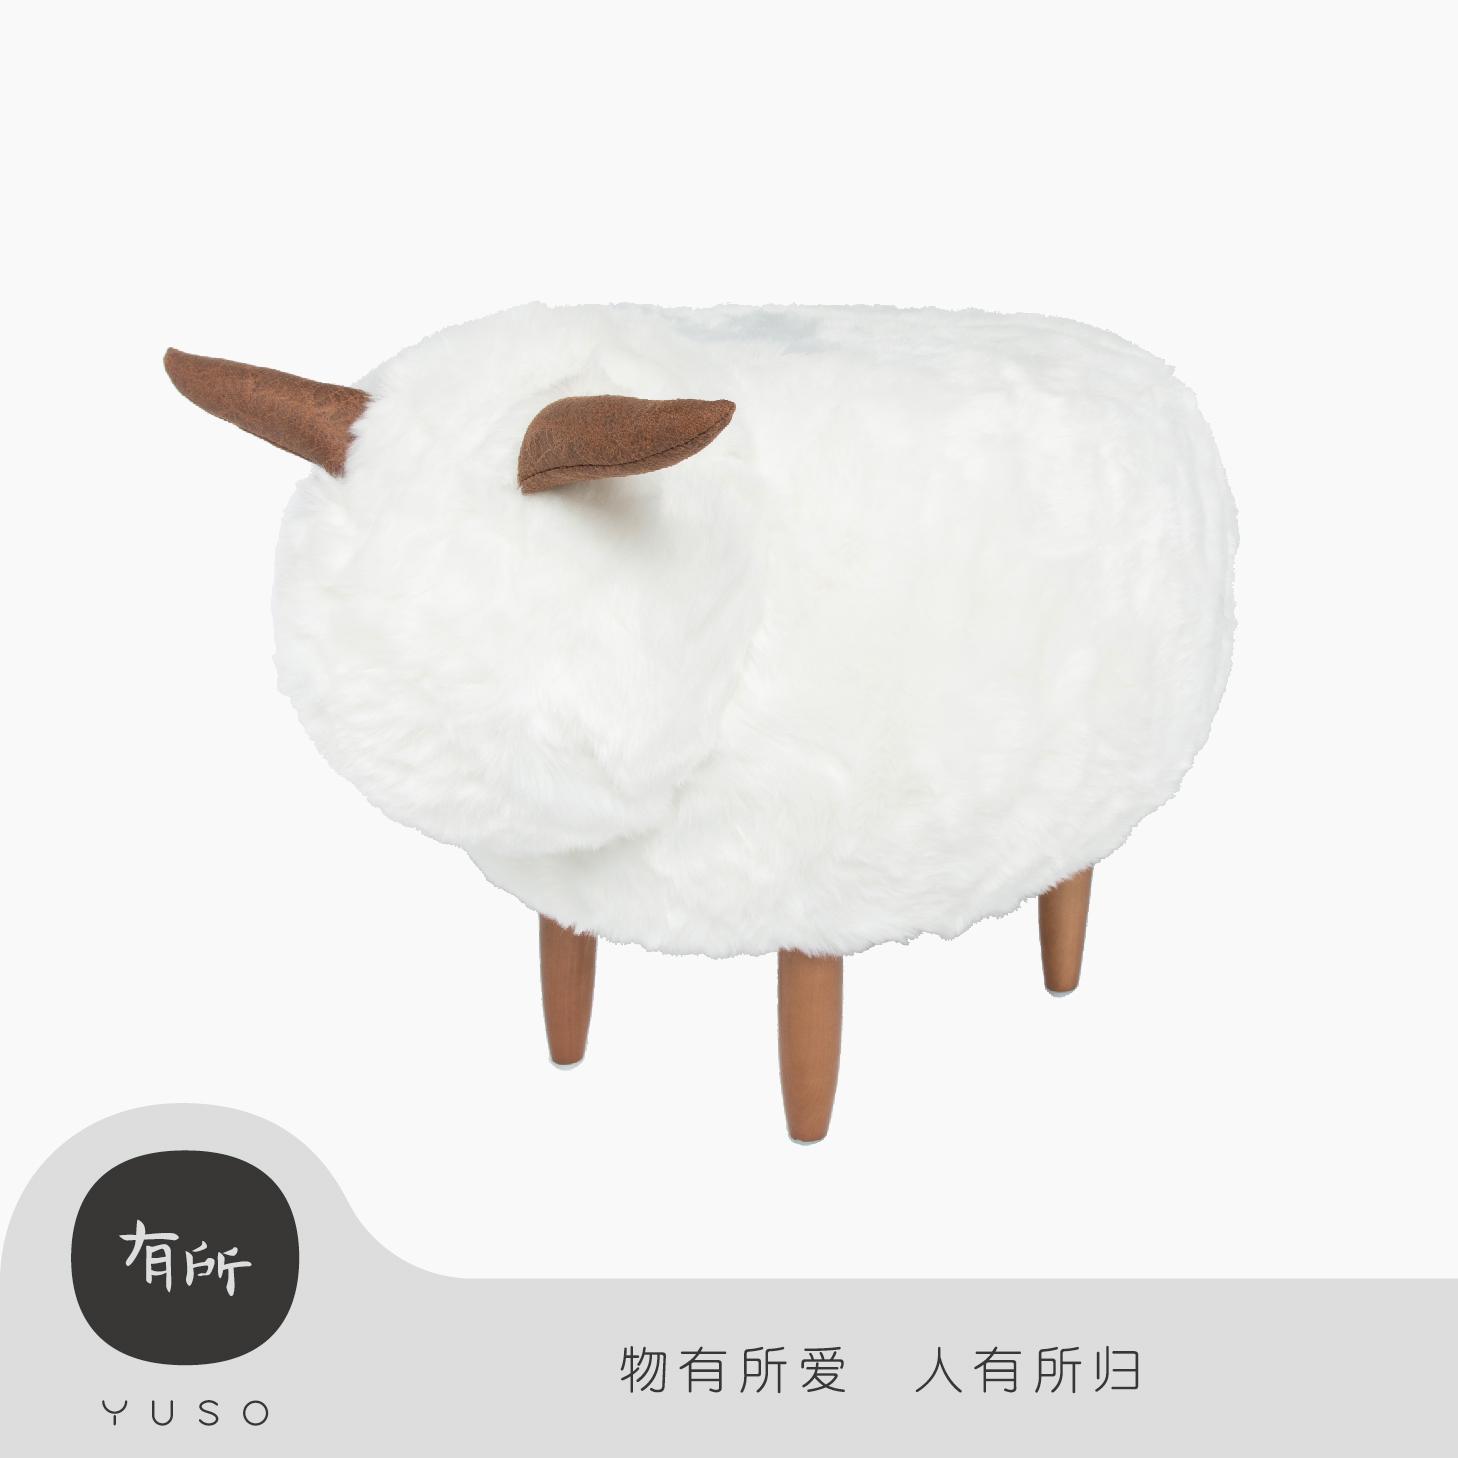 【有所的设计】白咩坐墩原创小家具沙发凳宝宝儿童羊动物换鞋脚凳